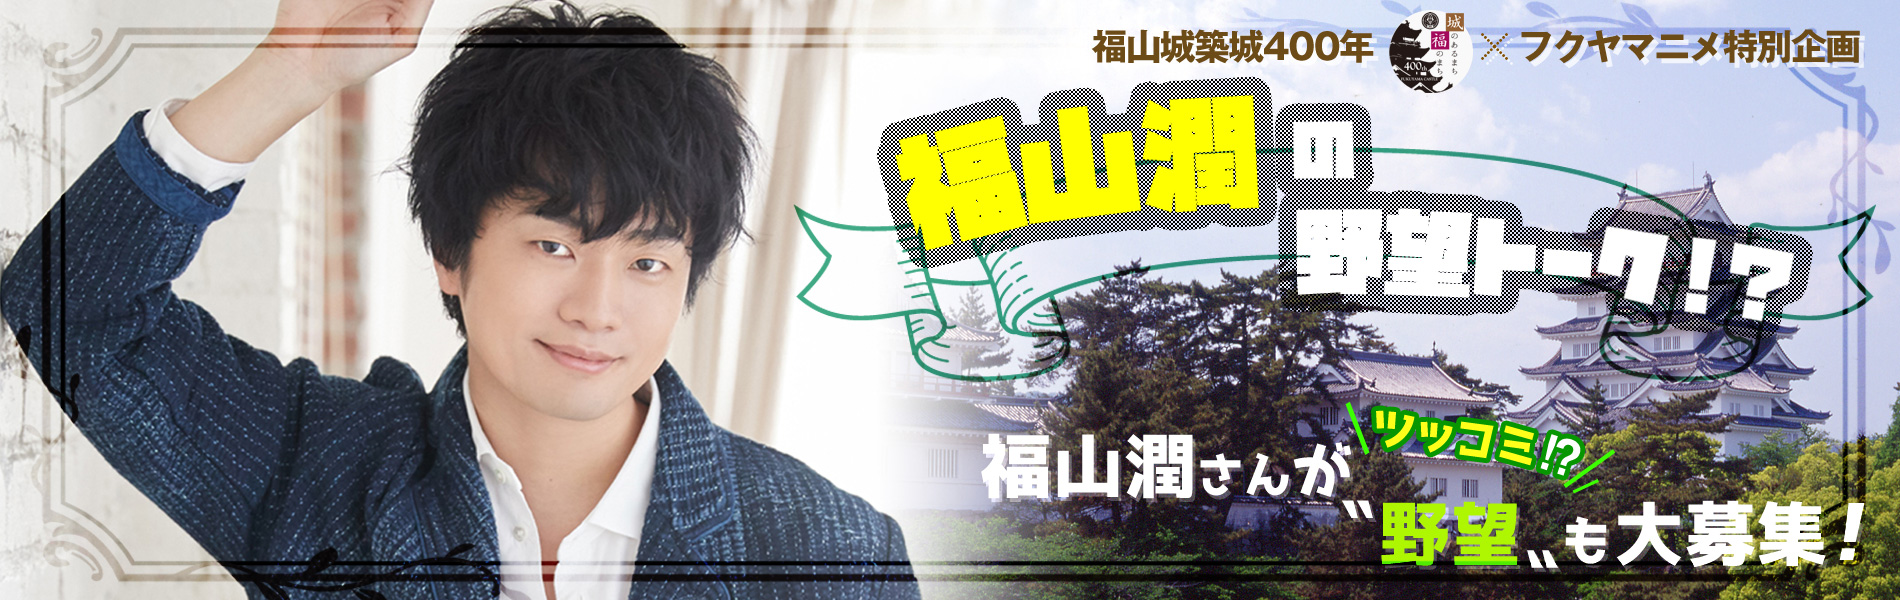 福山城築城400年×フクヤマニメ特別企画 「福山潤の野望トーク!?」福山潤さん出演決定!